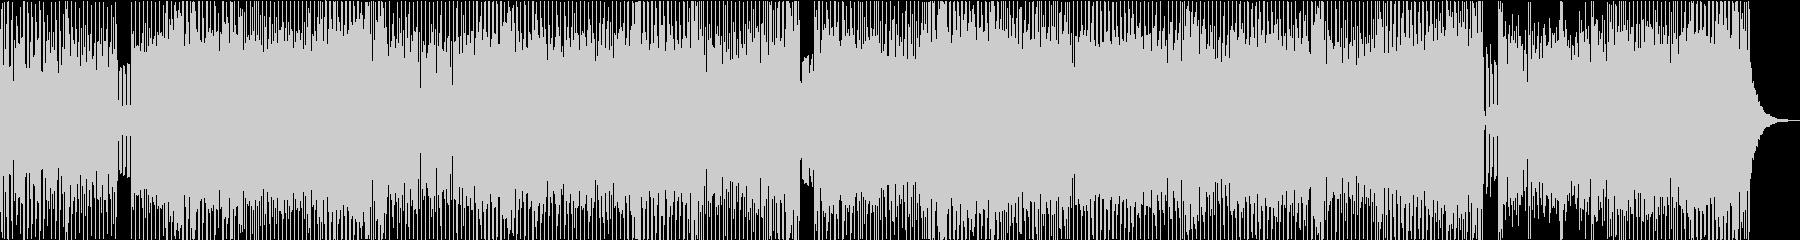 懐かしい80s ローファイ・ユーロビートの未再生の波形